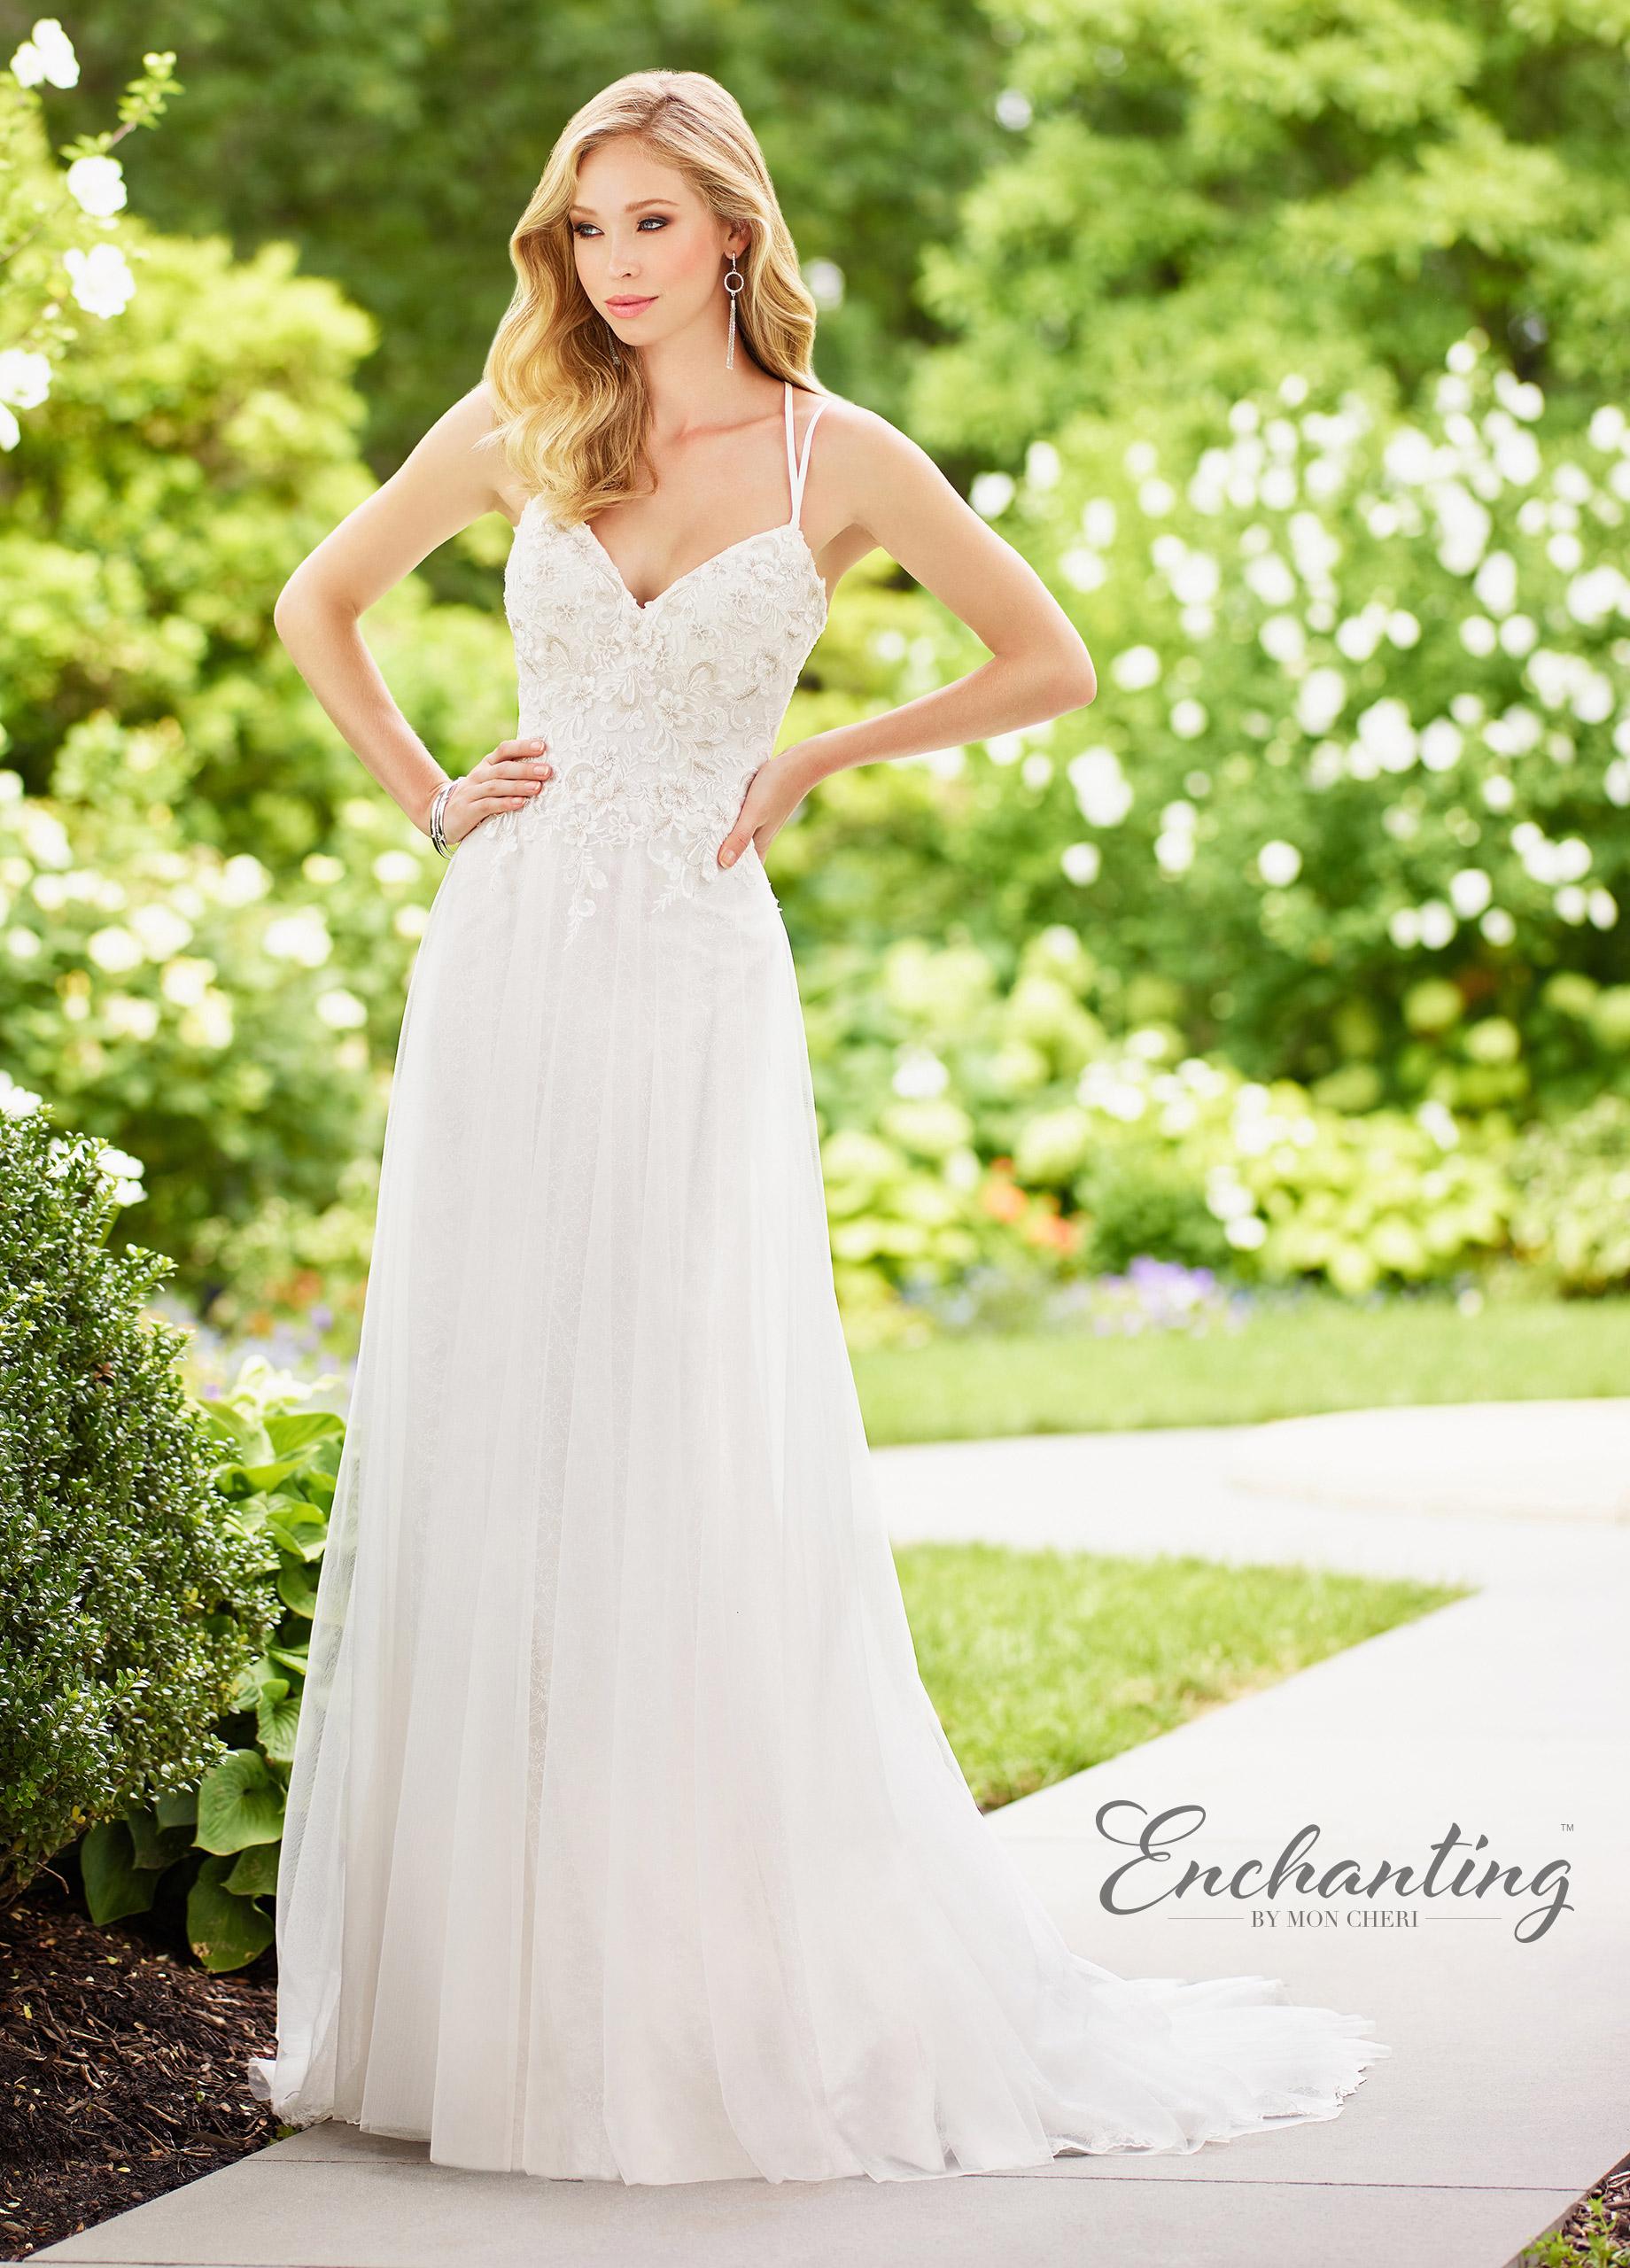 flowy-wedding-dress-Enchanting-118131_A